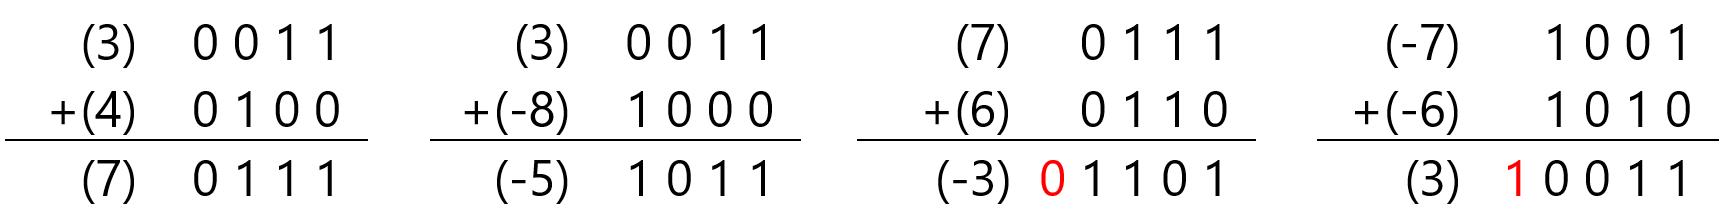 Exemplo de soma e subtração com binários